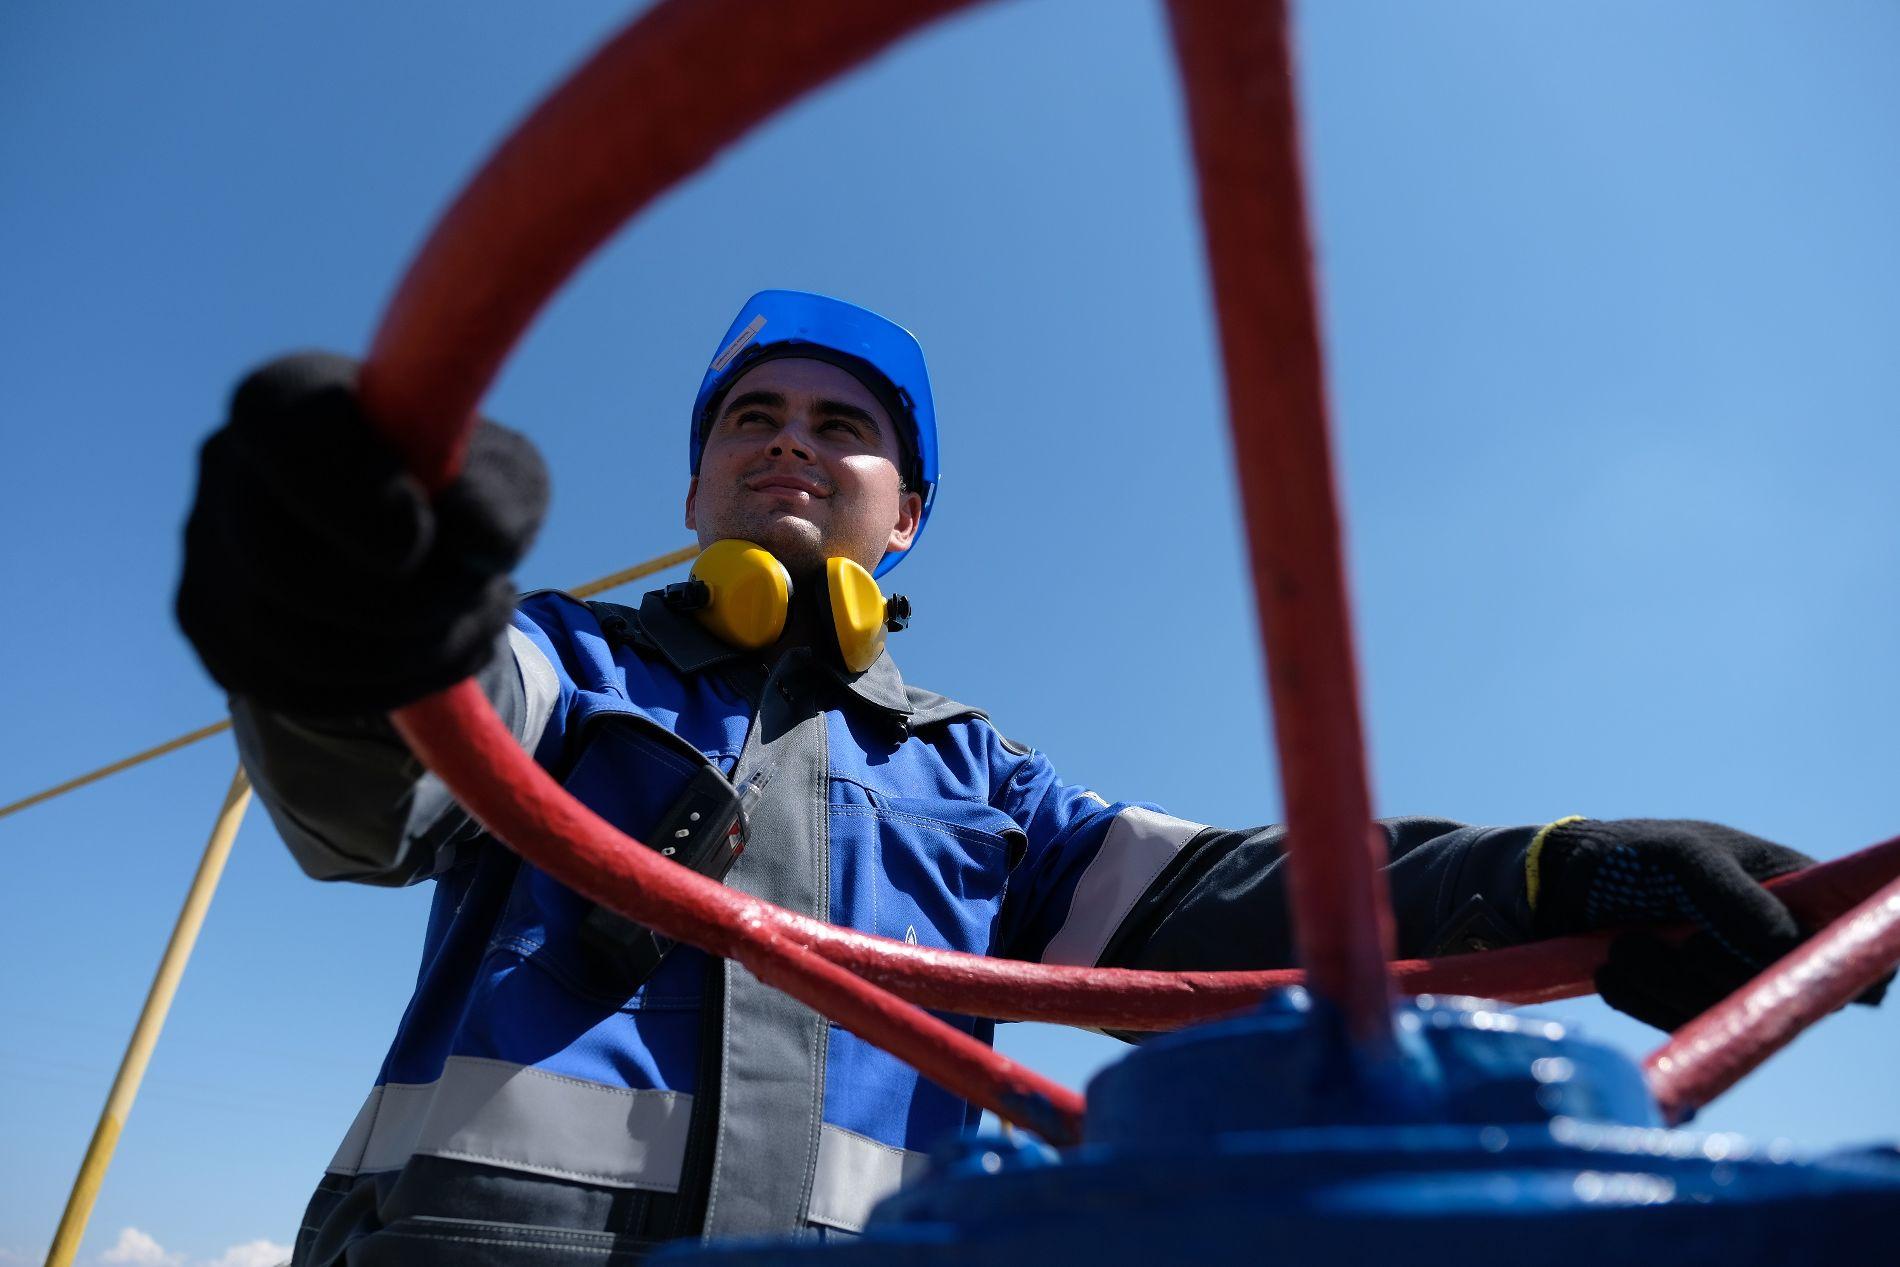 ©Изображение предоставлено пресс-службой ООО «Газпром добыча Краснодар»